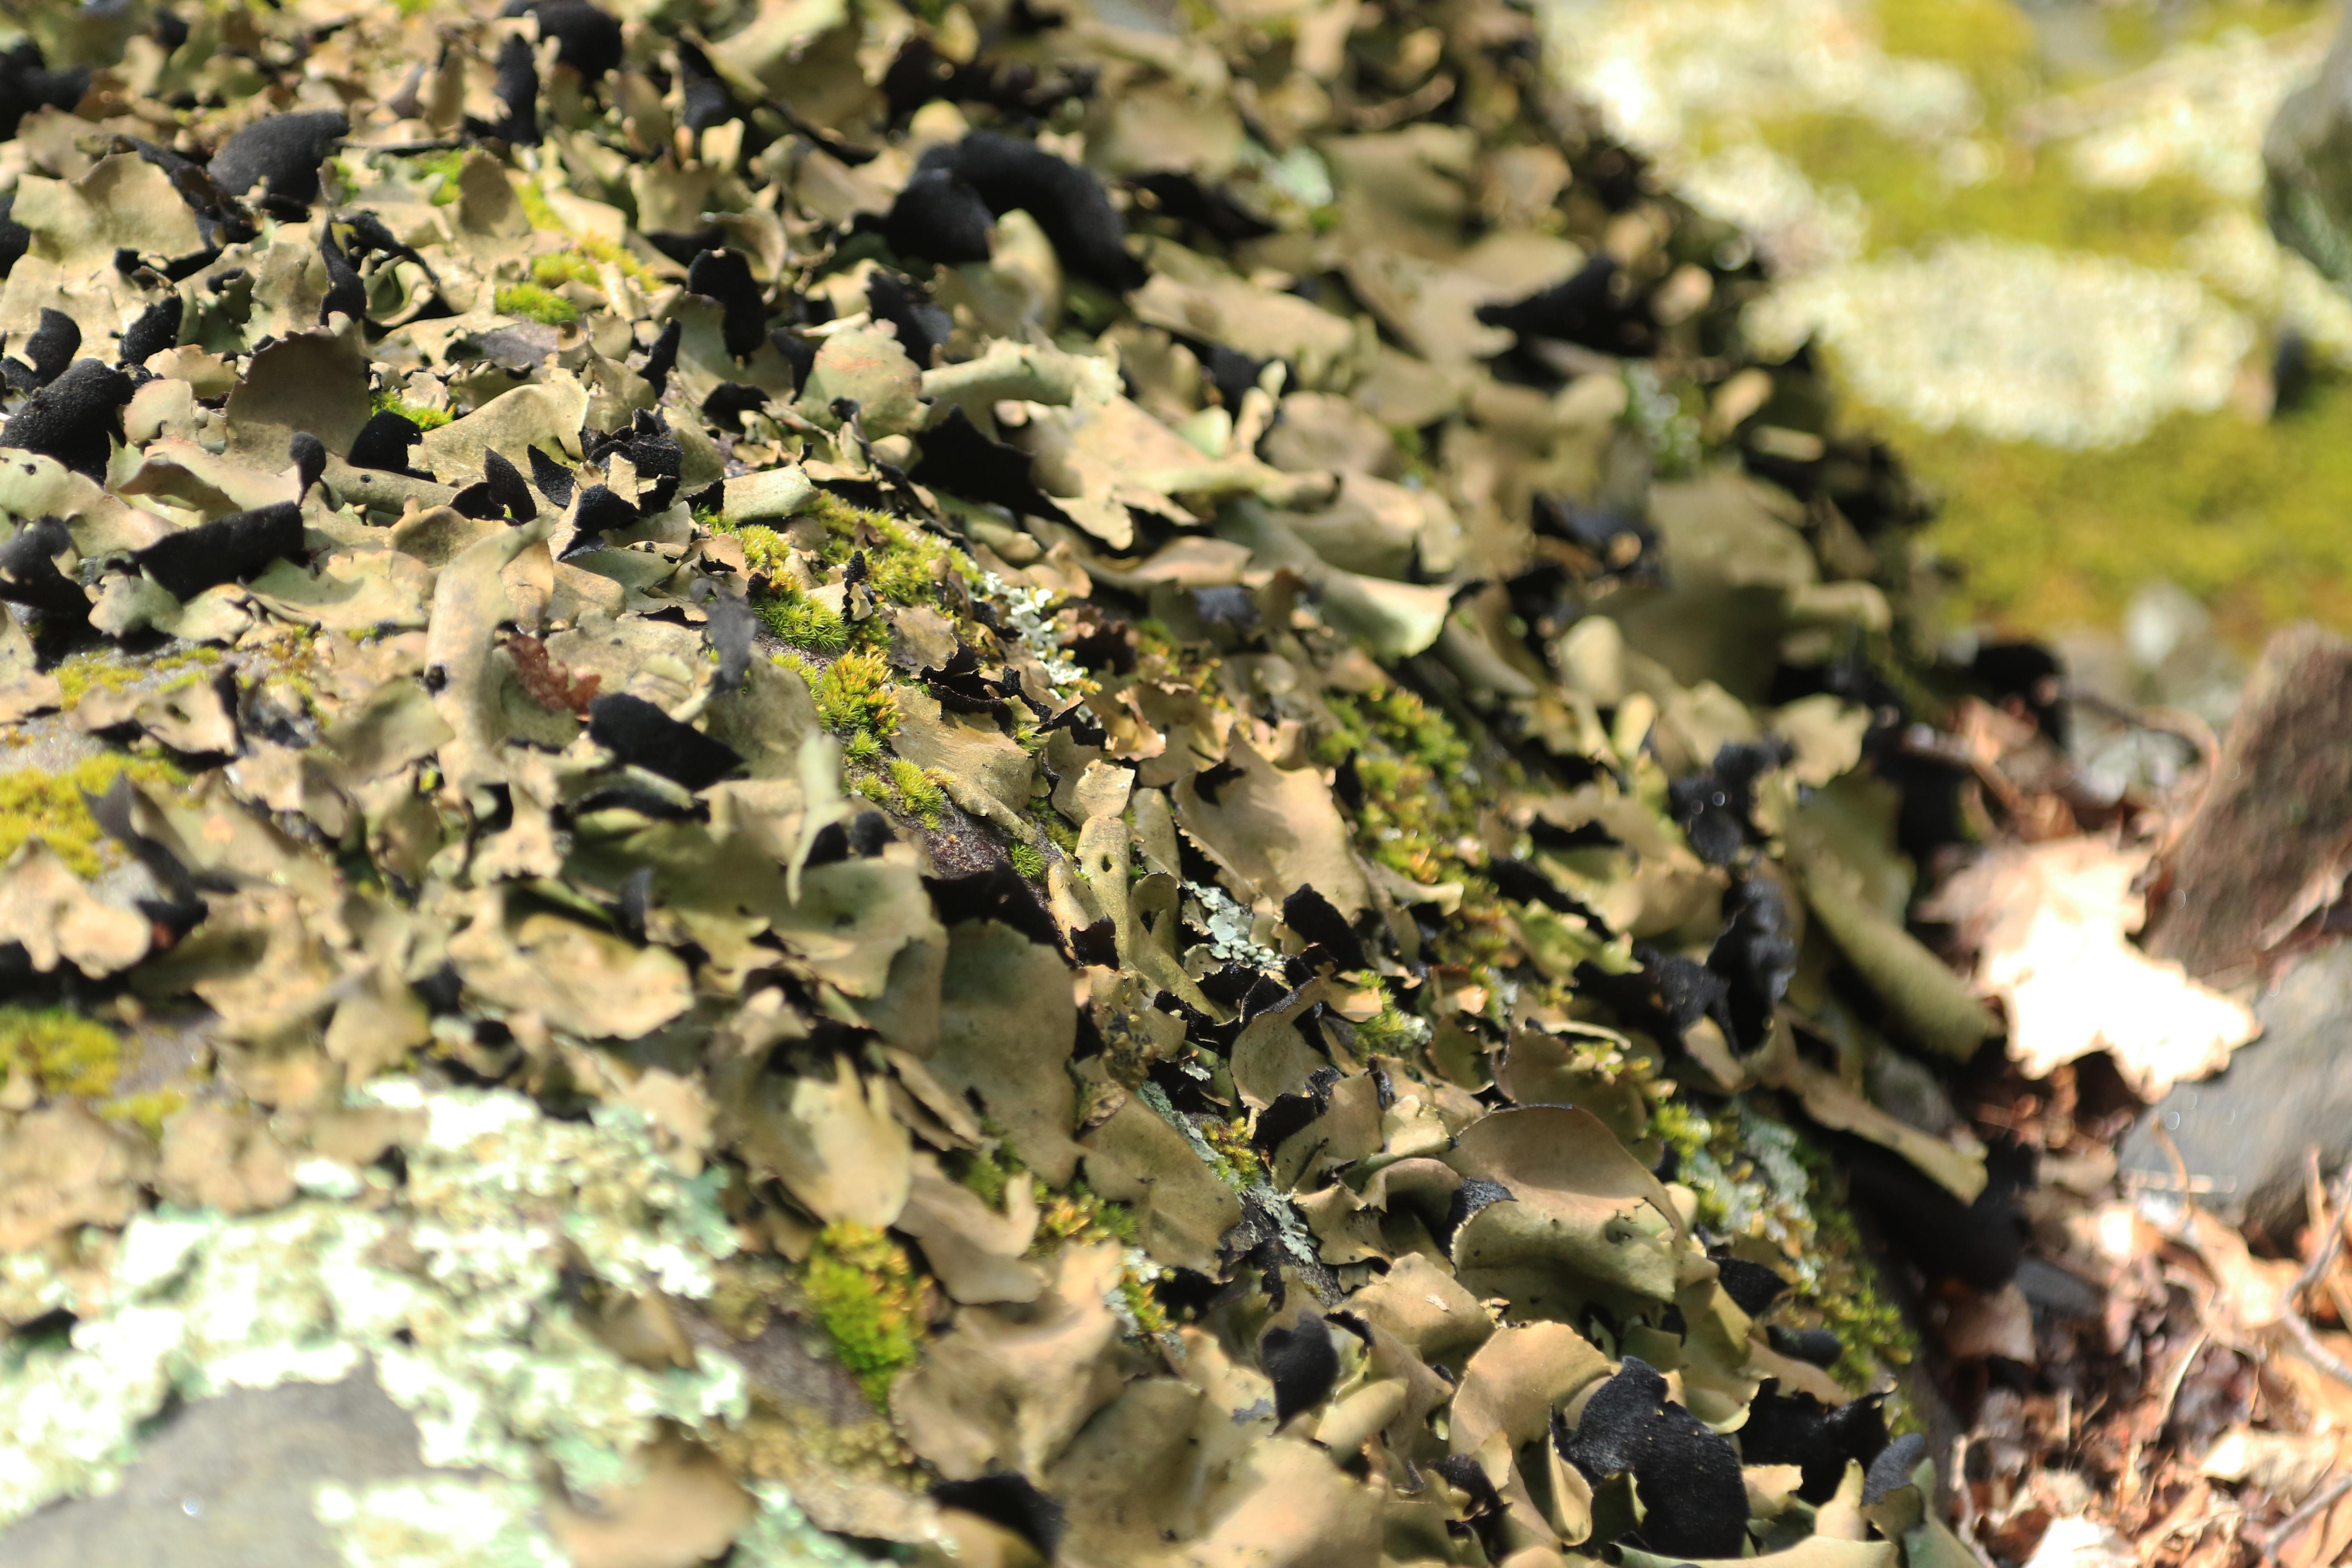 Light green lichen curling off of a log